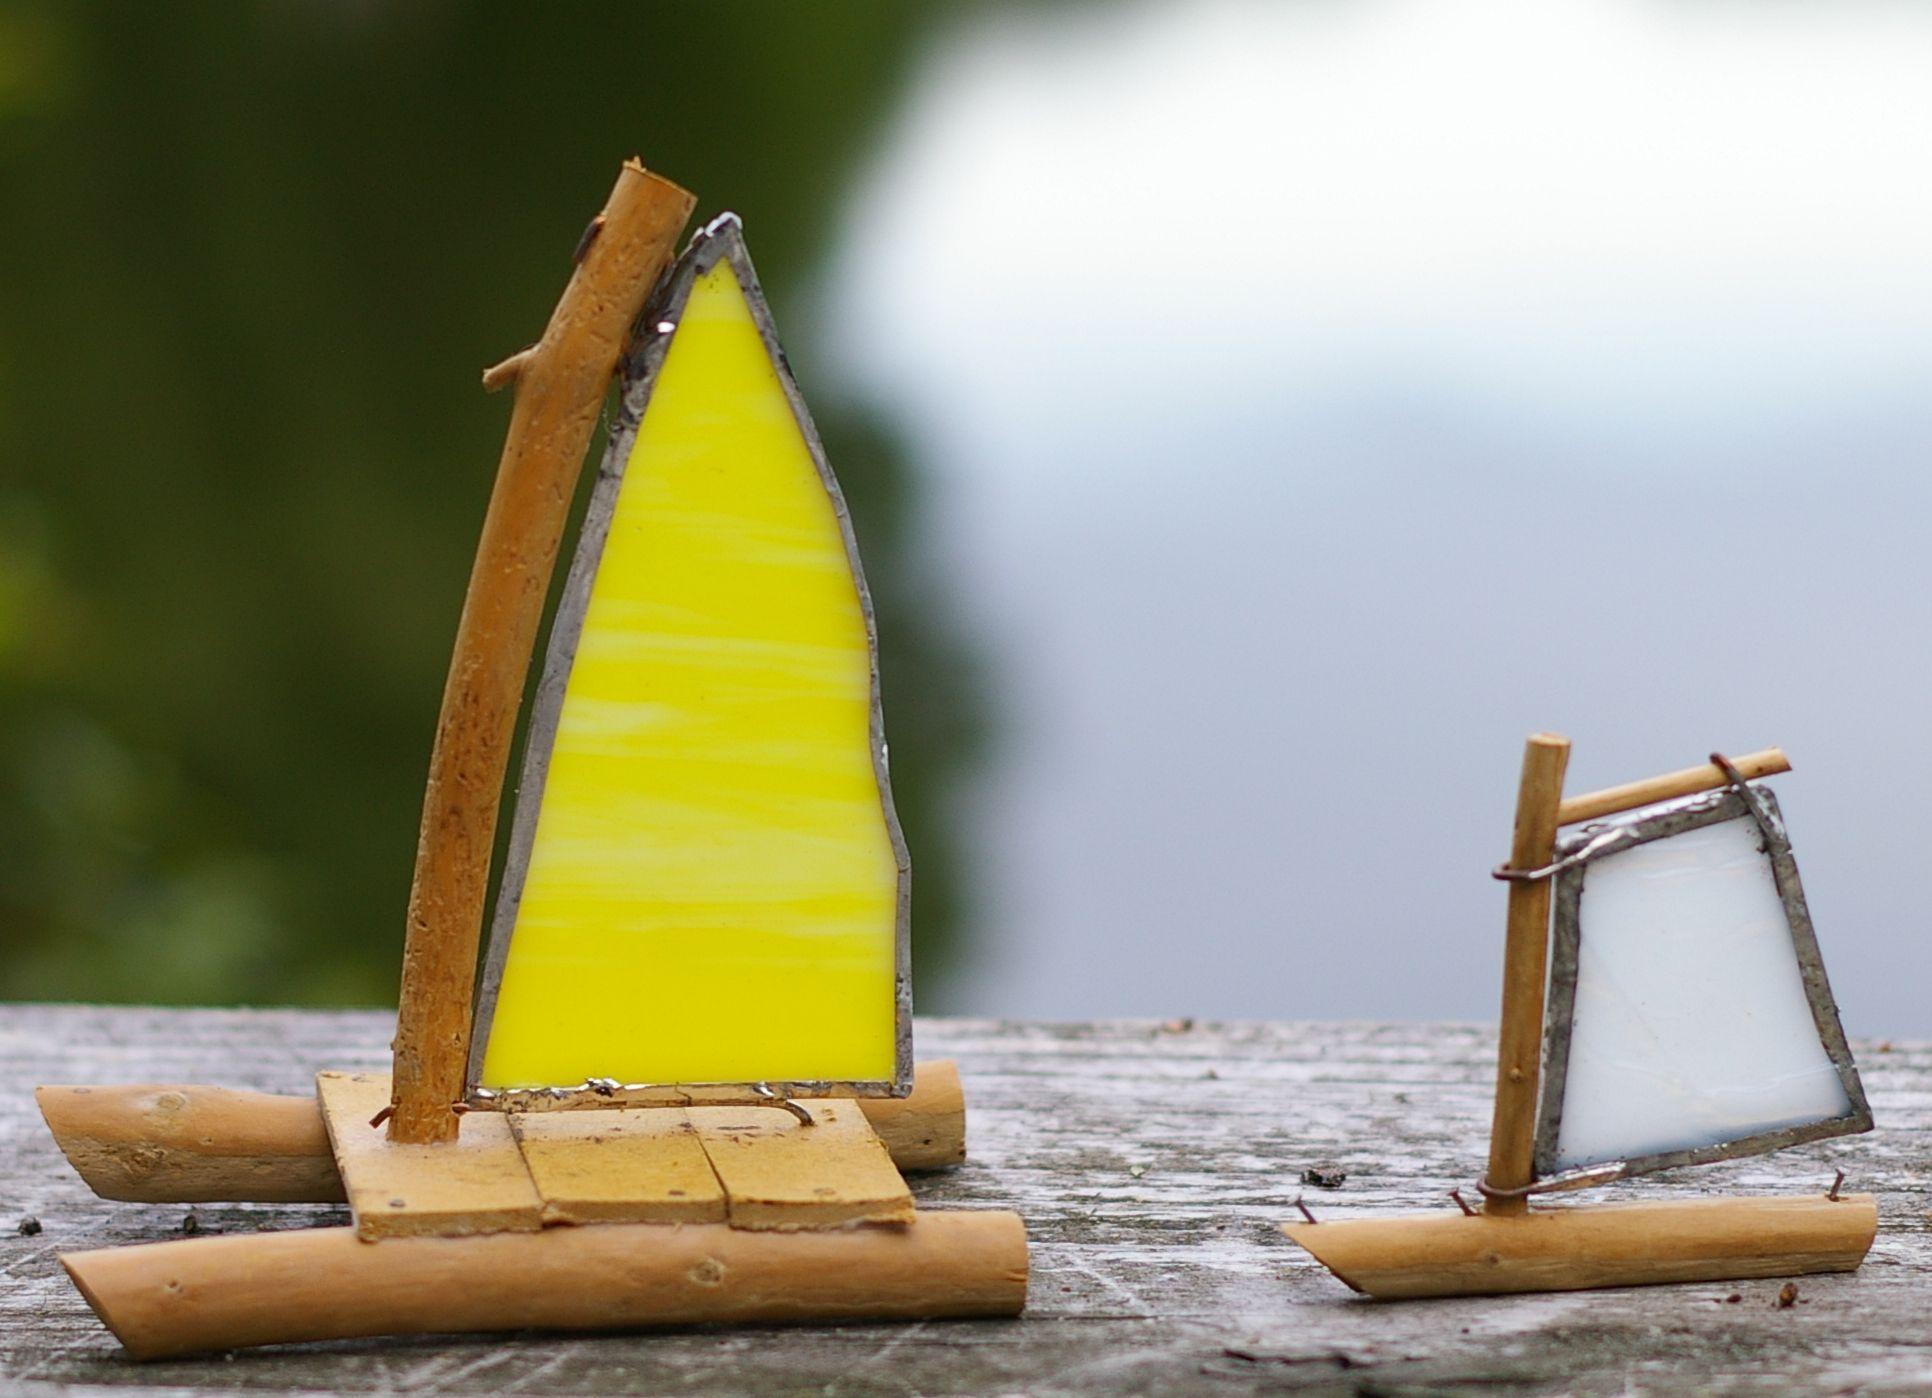 selbermachen schiff aus treibholz und glas, von schlueterkunstu